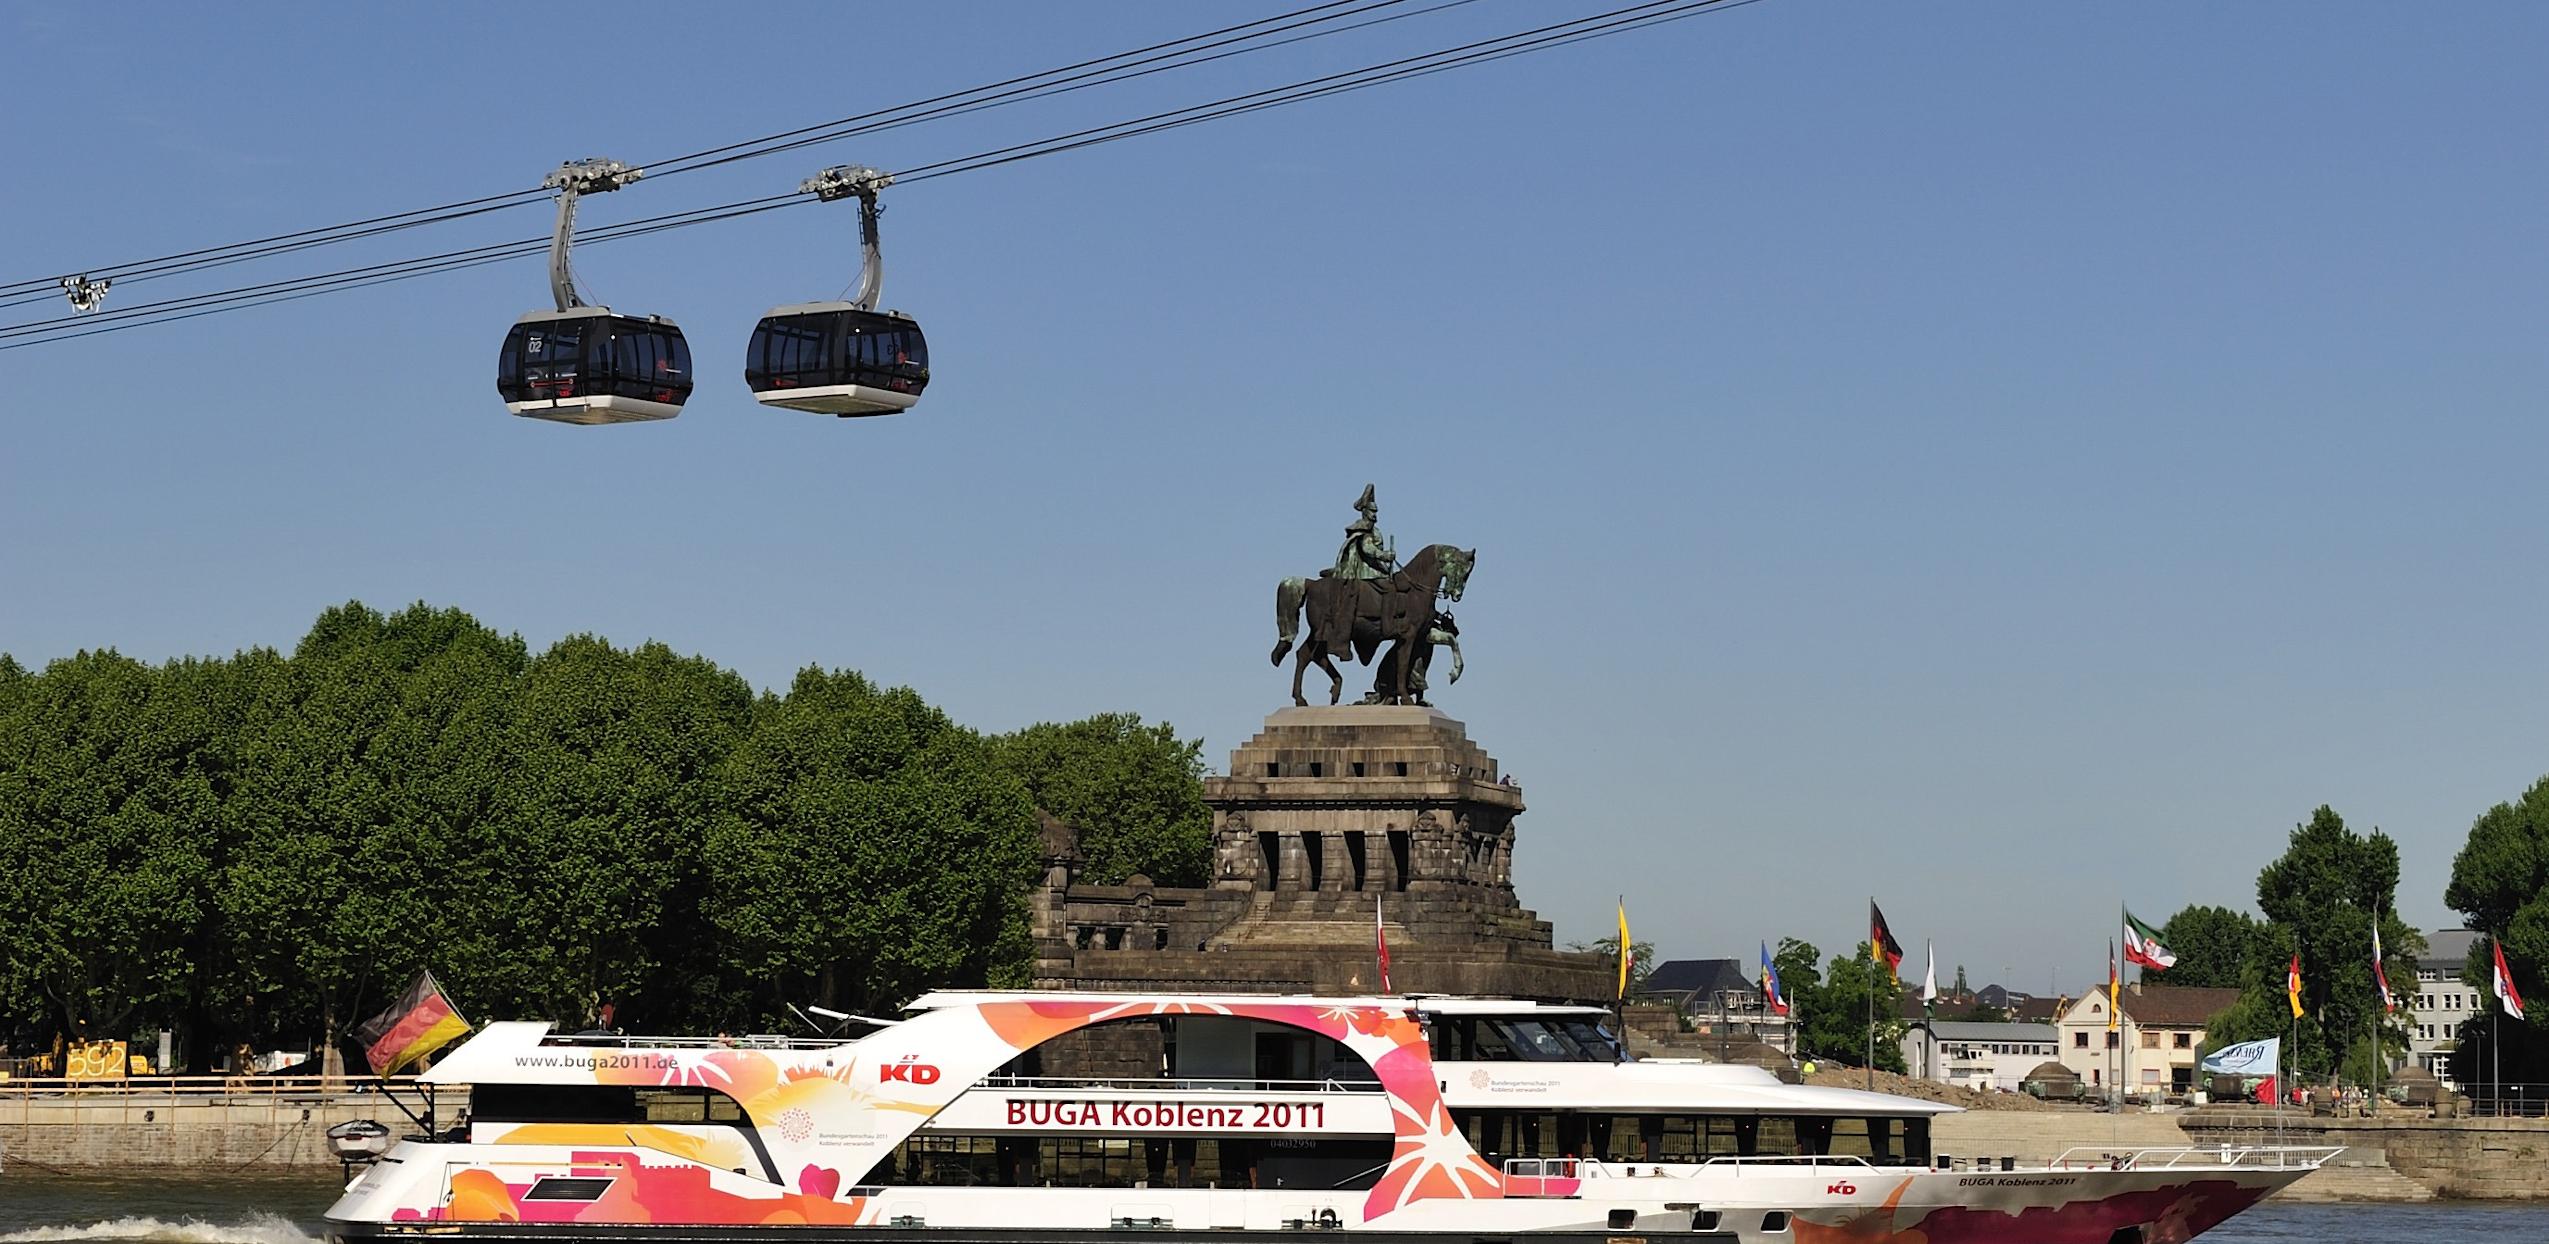 Blick auf das Kaiser-Wilhelm-Denkmal am Deutschen Eck. Auf dem Rhein fährt ein BUGA Koblenz Passagierschiff und zwei Gondeln der Seilbahn..